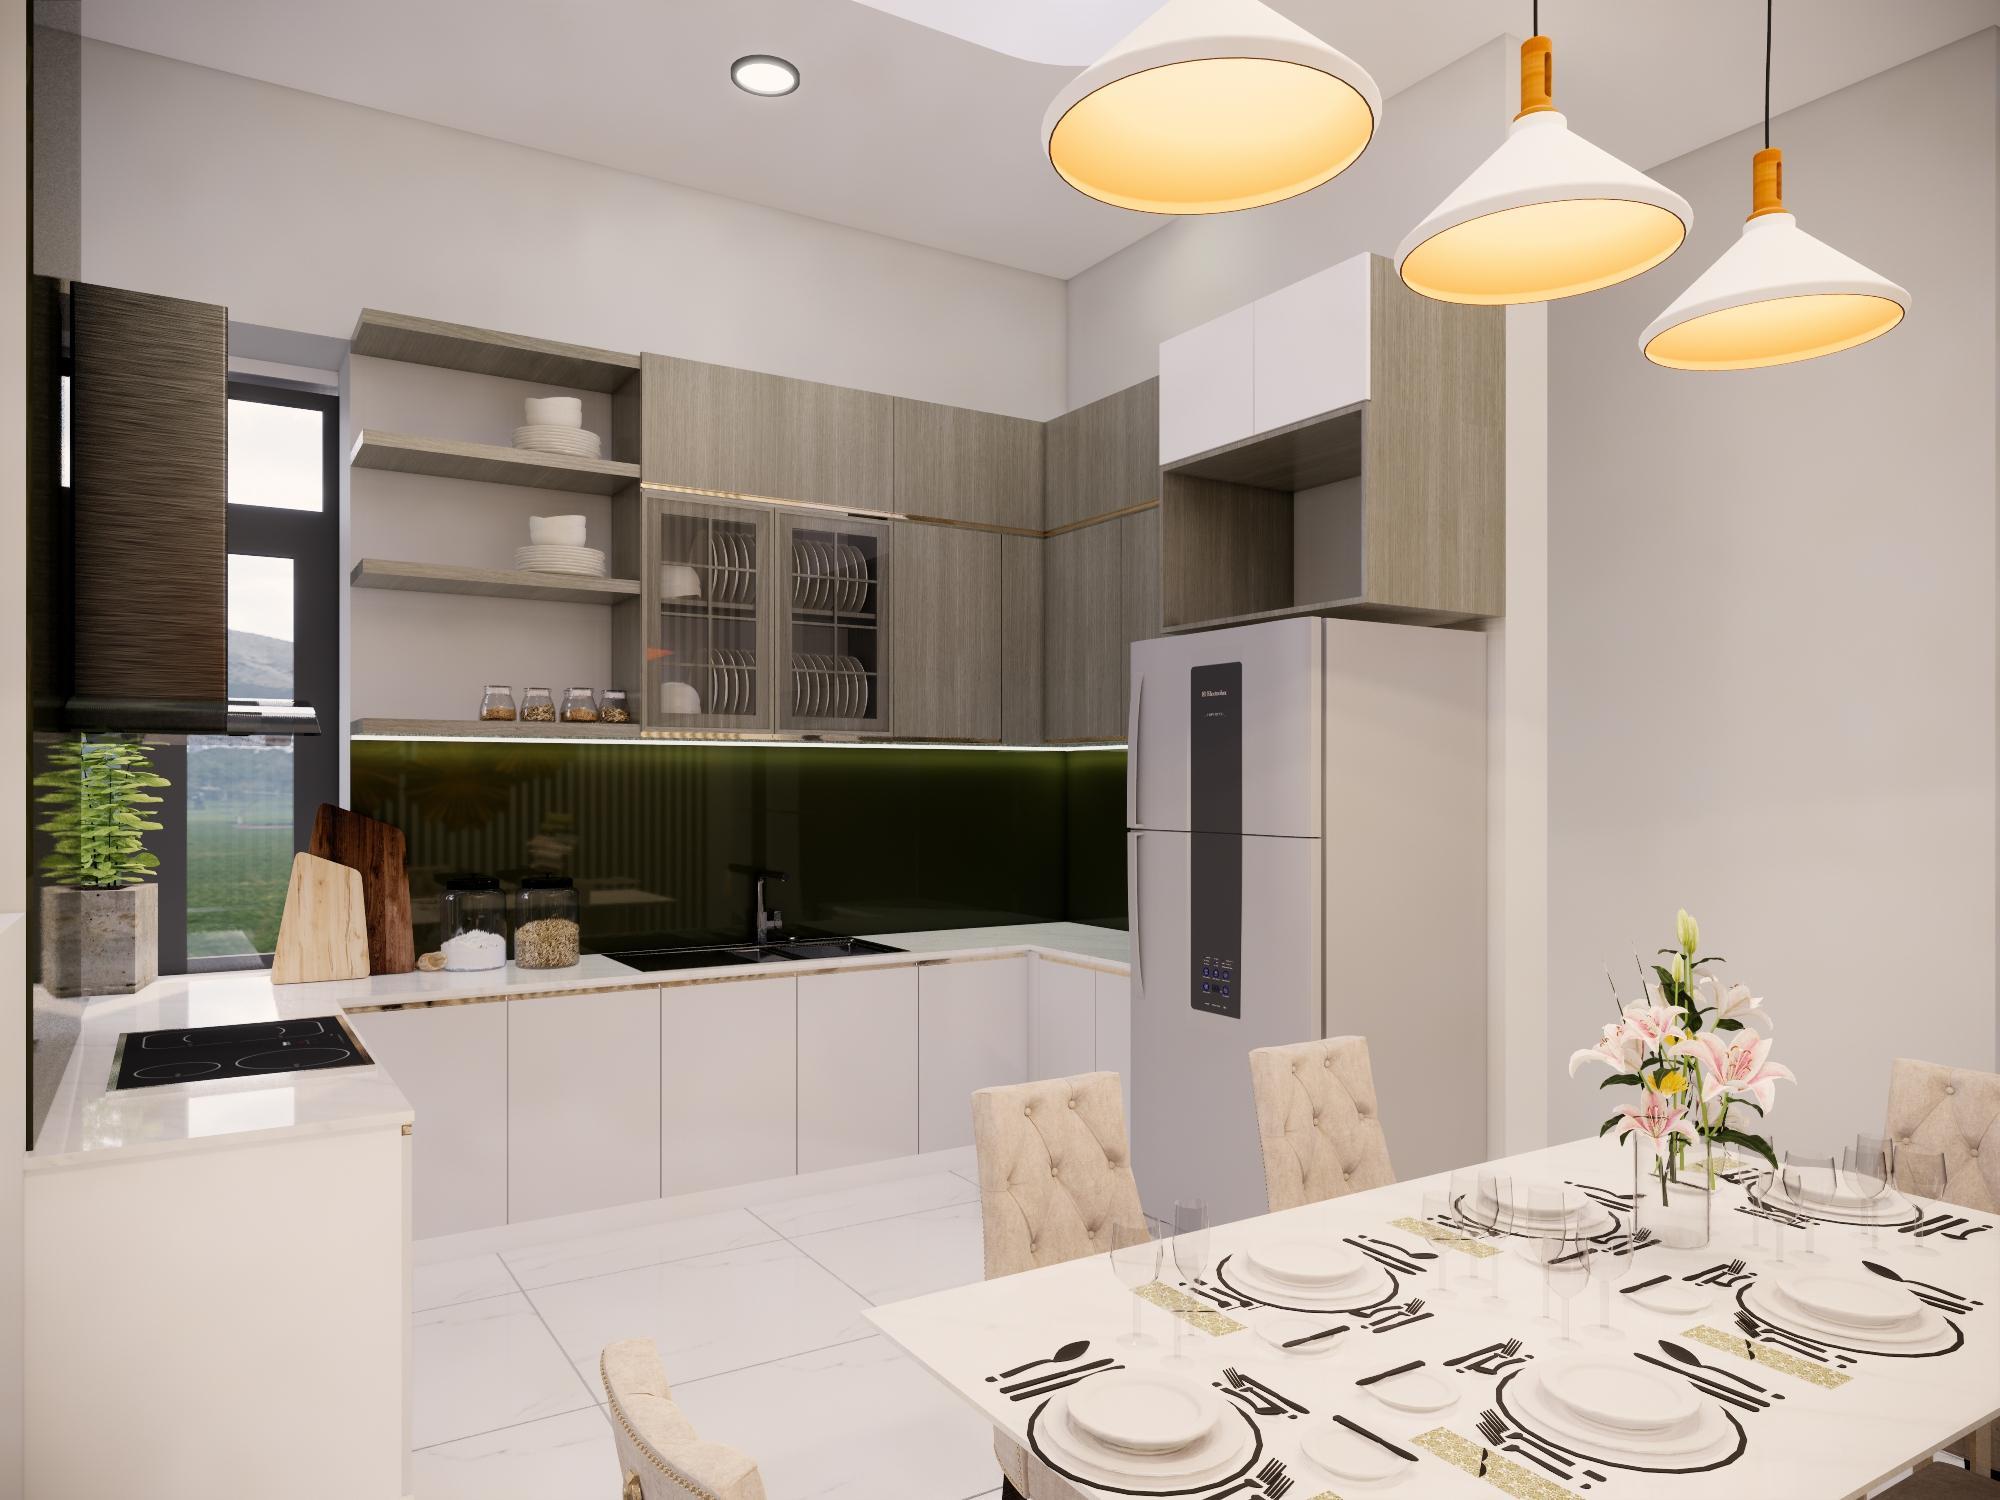 Thiết kế nội thất Nhà tại Bình Thuận NHÀ PHỐ I TRẦN THỊ PHƯƠNG LAN 1574139985 5